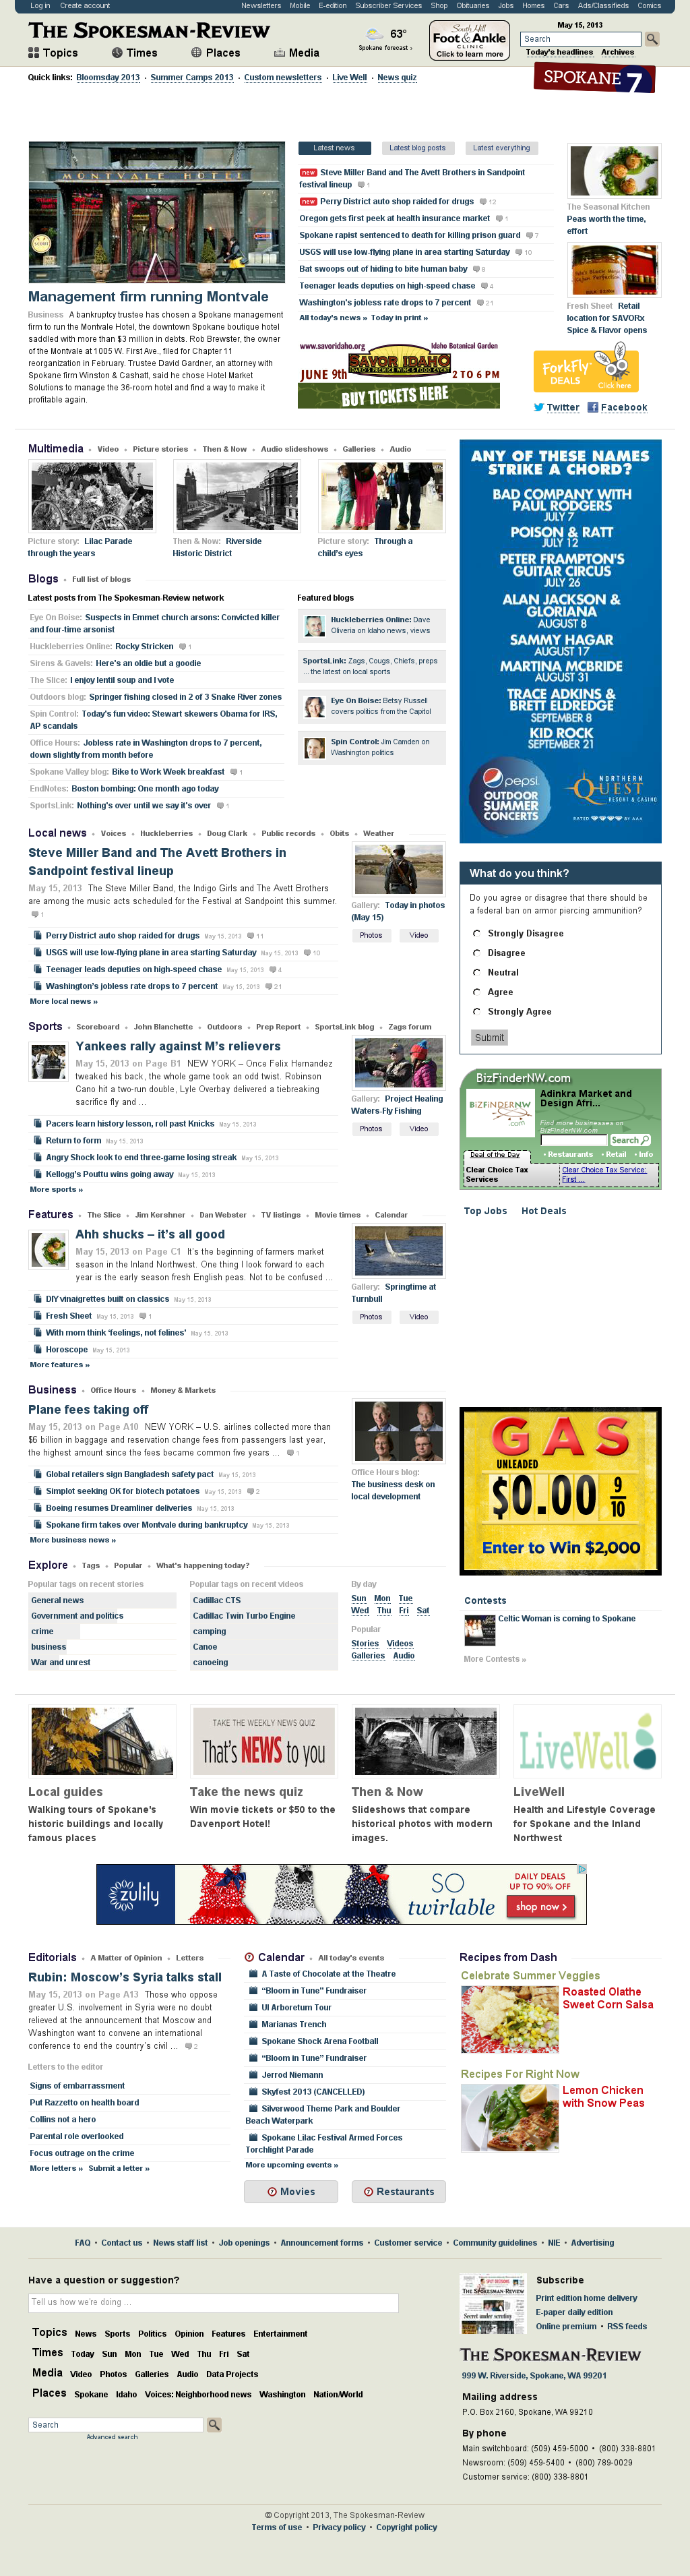 The (Spokane) Spokesman-Review at Thursday May 16, 2013, 12:26 a.m. UTC